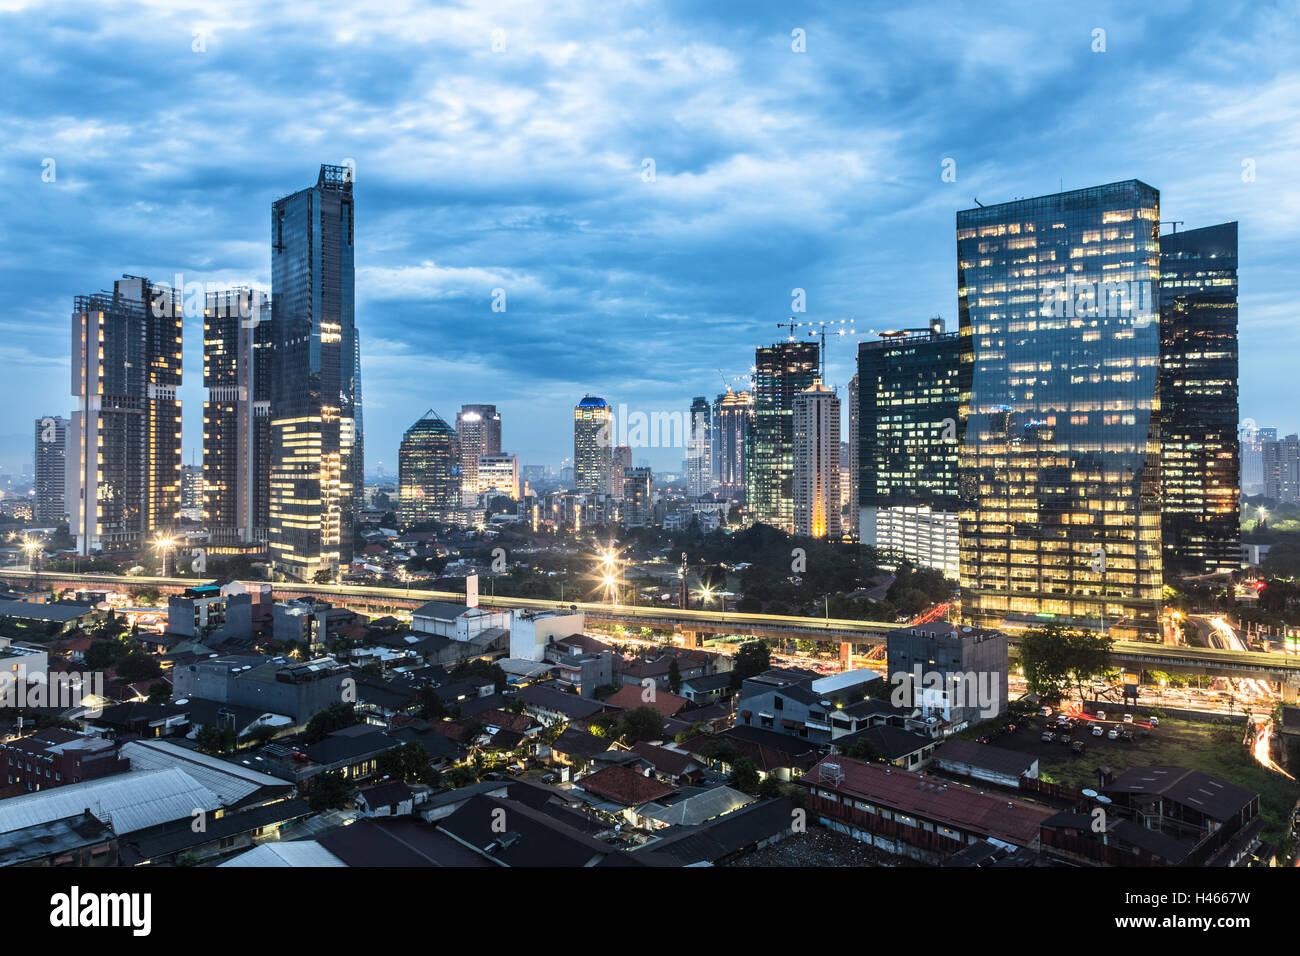 Twilight su Giacarta quartiere degli affari nell'area di Kuningan in  Indonesia la città capitale Foto stock - Alamy